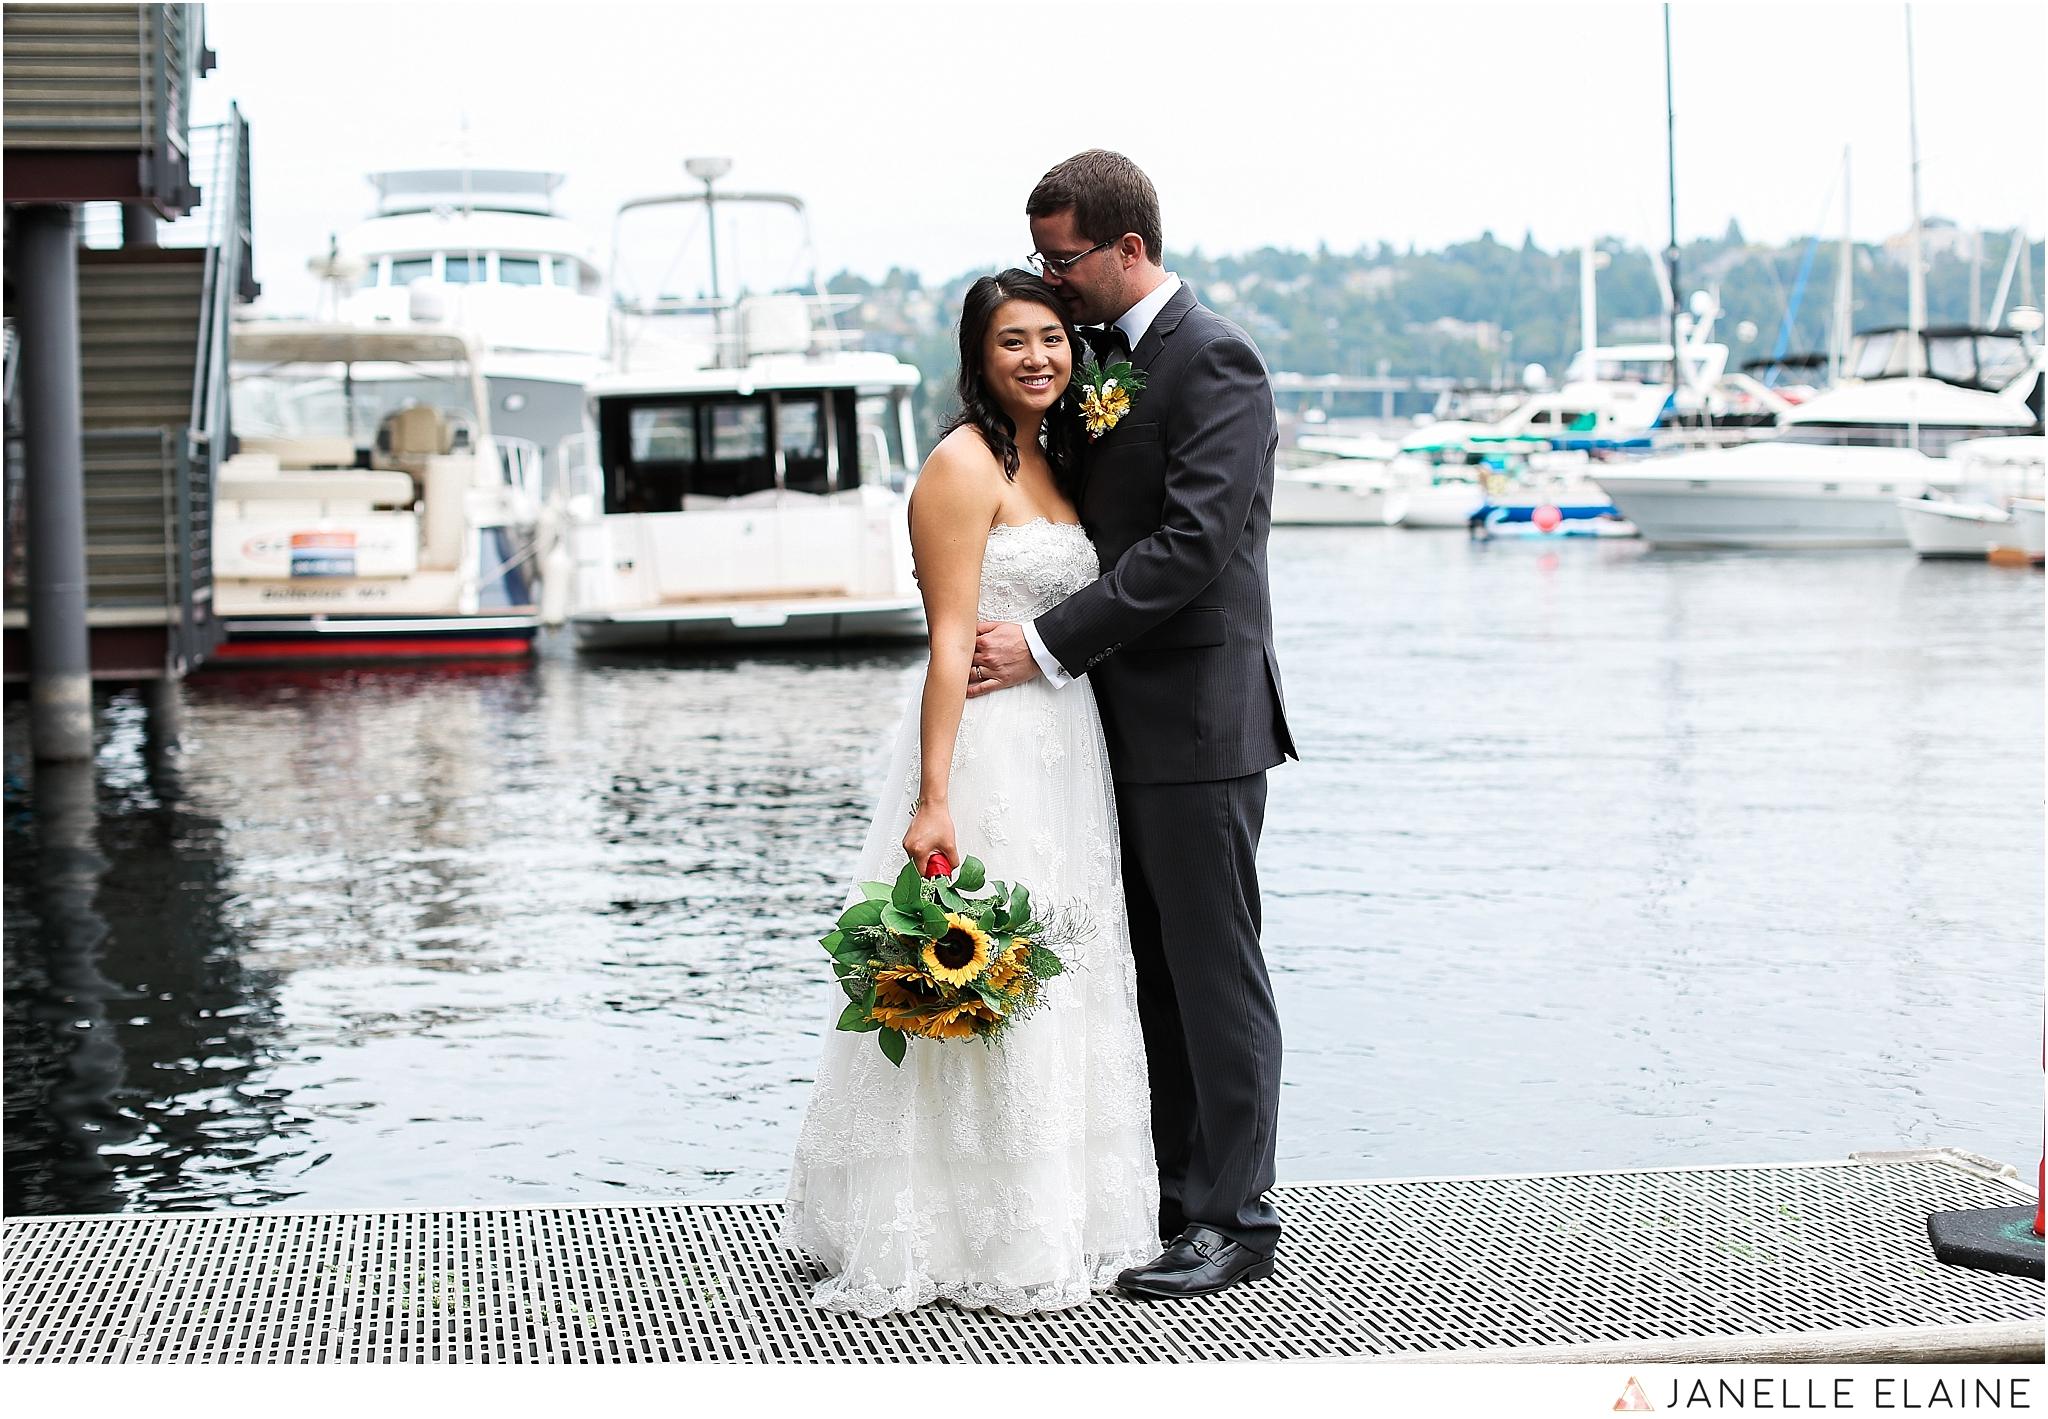 janelle elaine photography-professional wedding photographer seattle--82.jpg